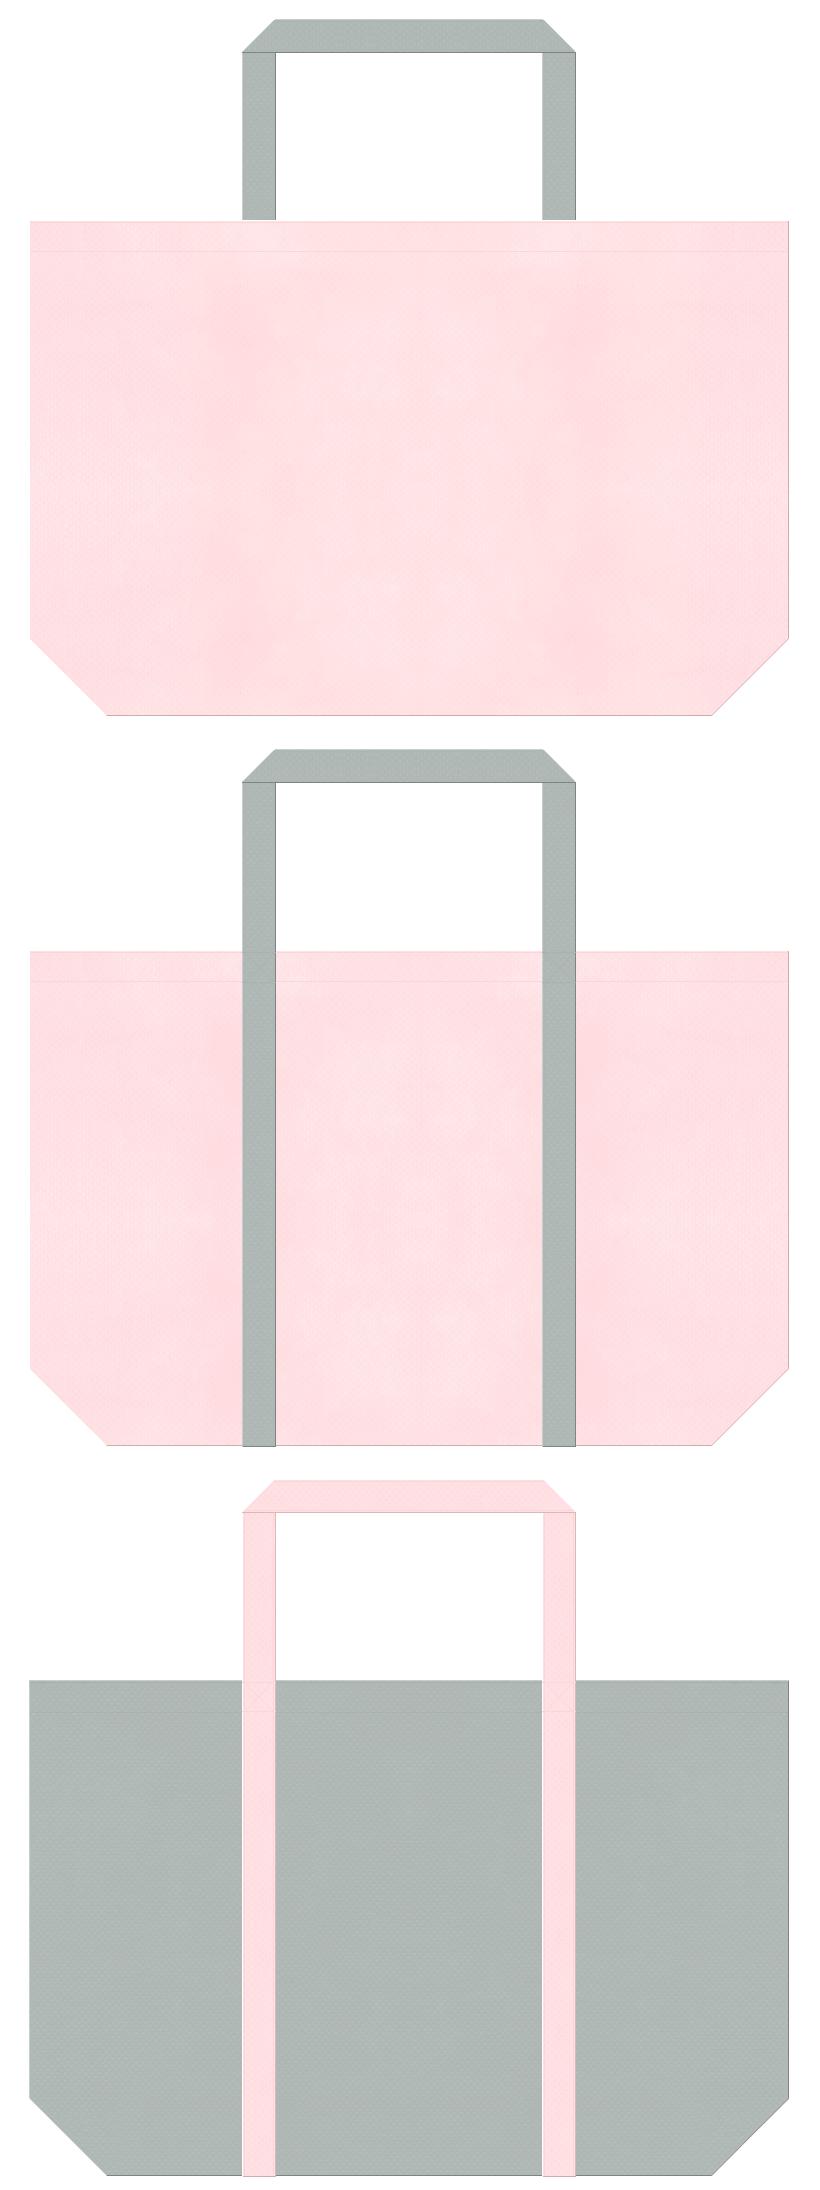 桜色とグレー色の不織布バッグデザイン。ガーリーファッションのショッピングバッグにお奨めです。